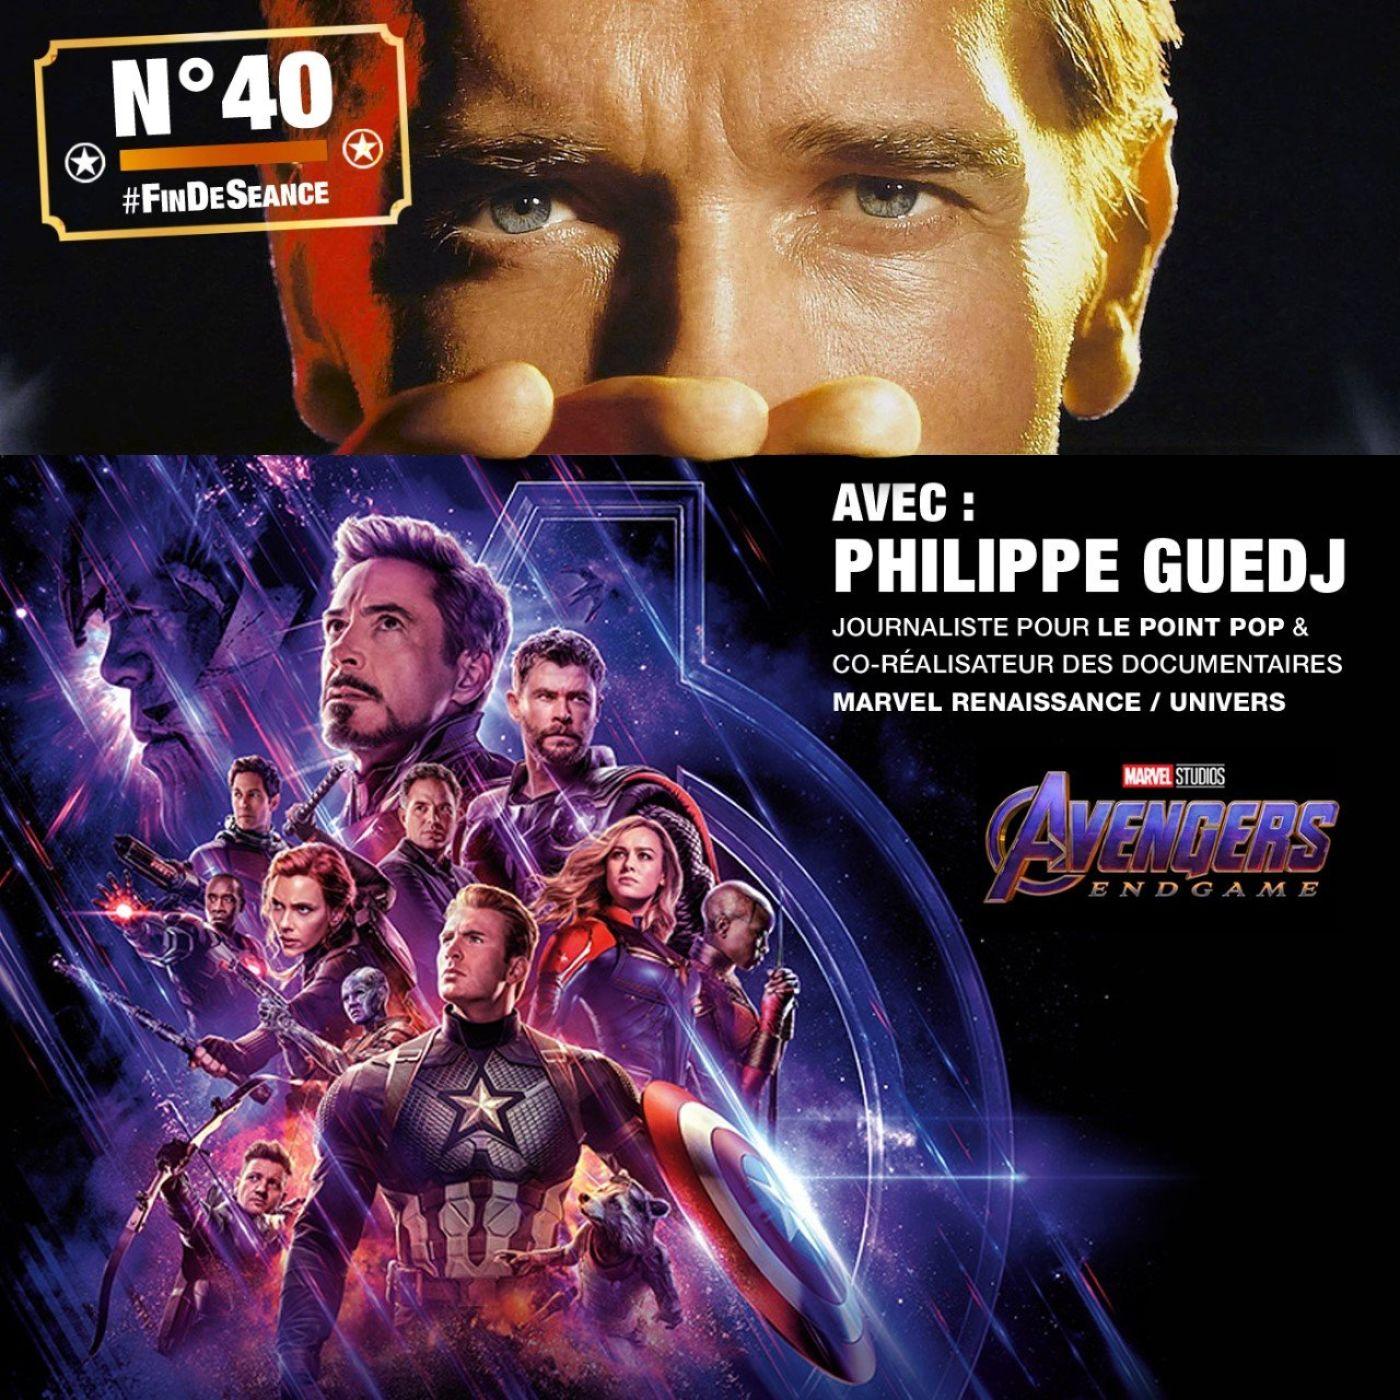 #40 AVENGERS ENDGAME : Salut les Musclés ! Invité : Philippe Guedj (Le Point Pop et co-réal des docus Marvel Renaissance / Univers)